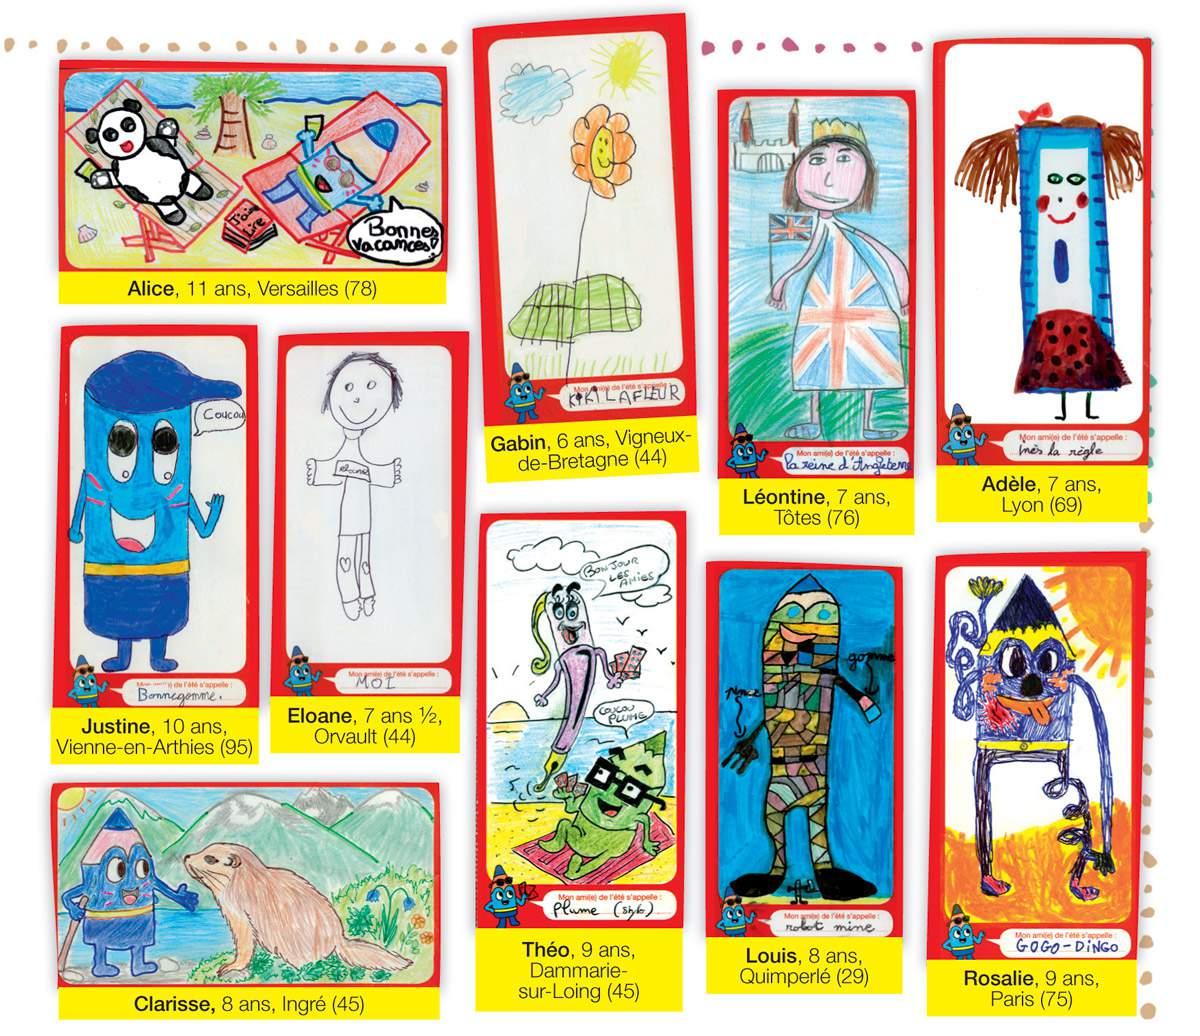 Les dessins des gagnants du concours d'été J'aime lire (1er au 19e prix), publiés dans le numéro d'octobre de J'aime lire.